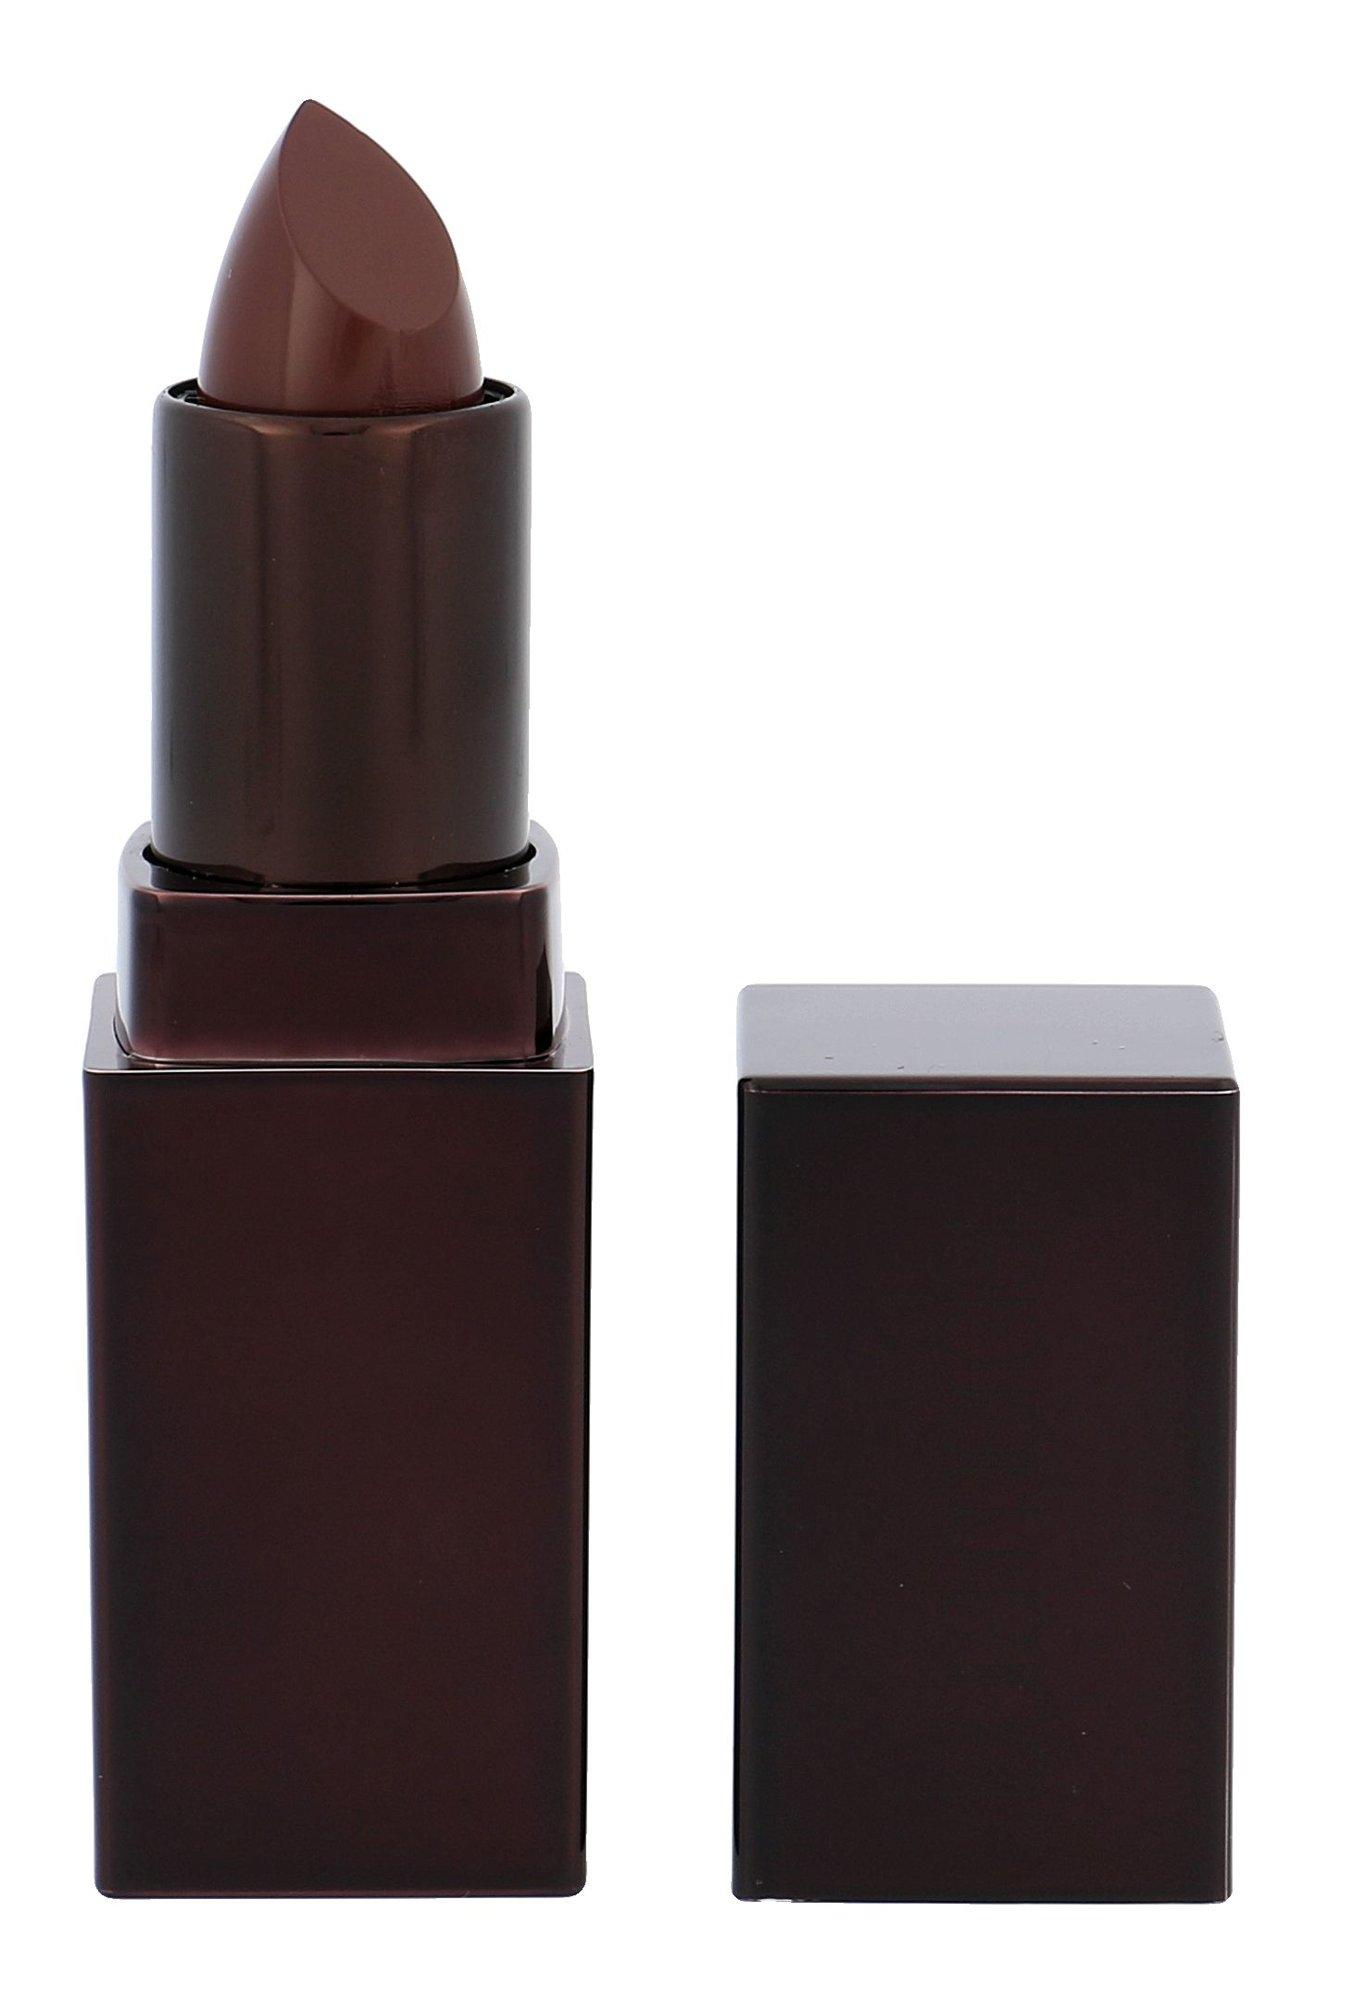 Laura Mercier Creme Smooth Lip Colour Cosmetic 4ml Cocoa